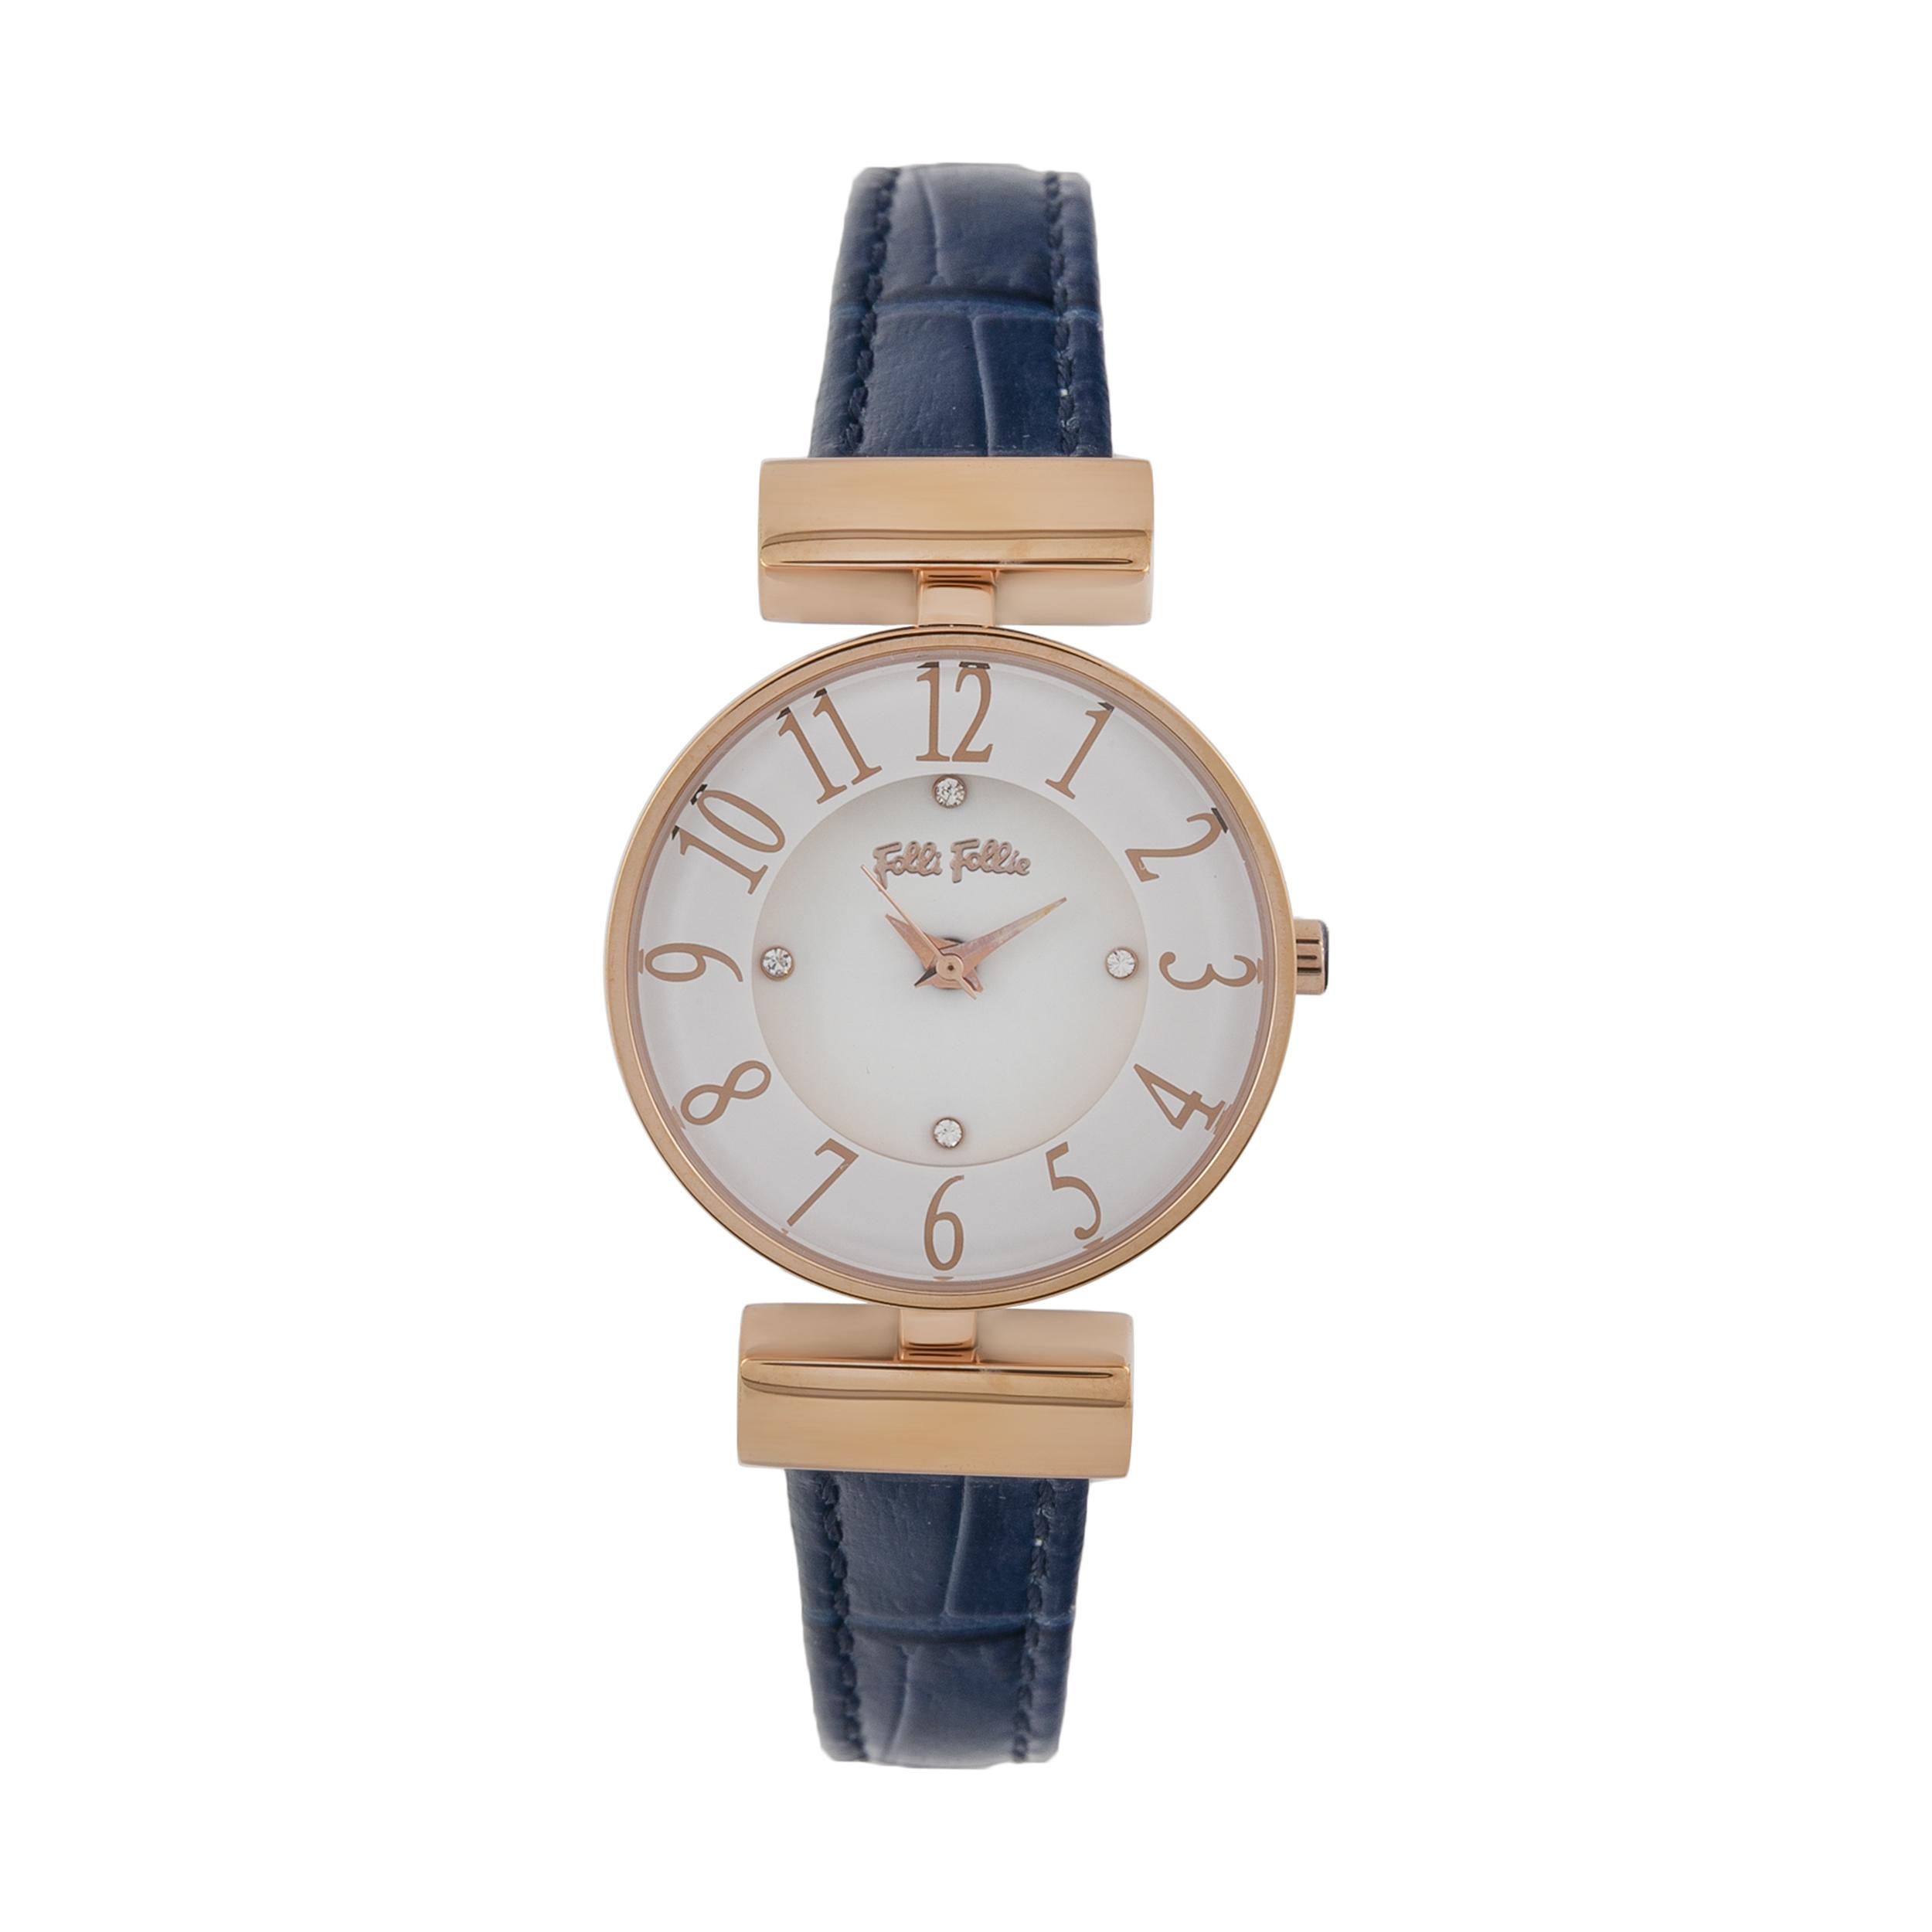 ساعت مچی عقربه ای زنانه فولی فولیه مدل WF16R007SSW-BL (بدون جعبه اورجینال)              خرید (⭐️⭐️⭐️)